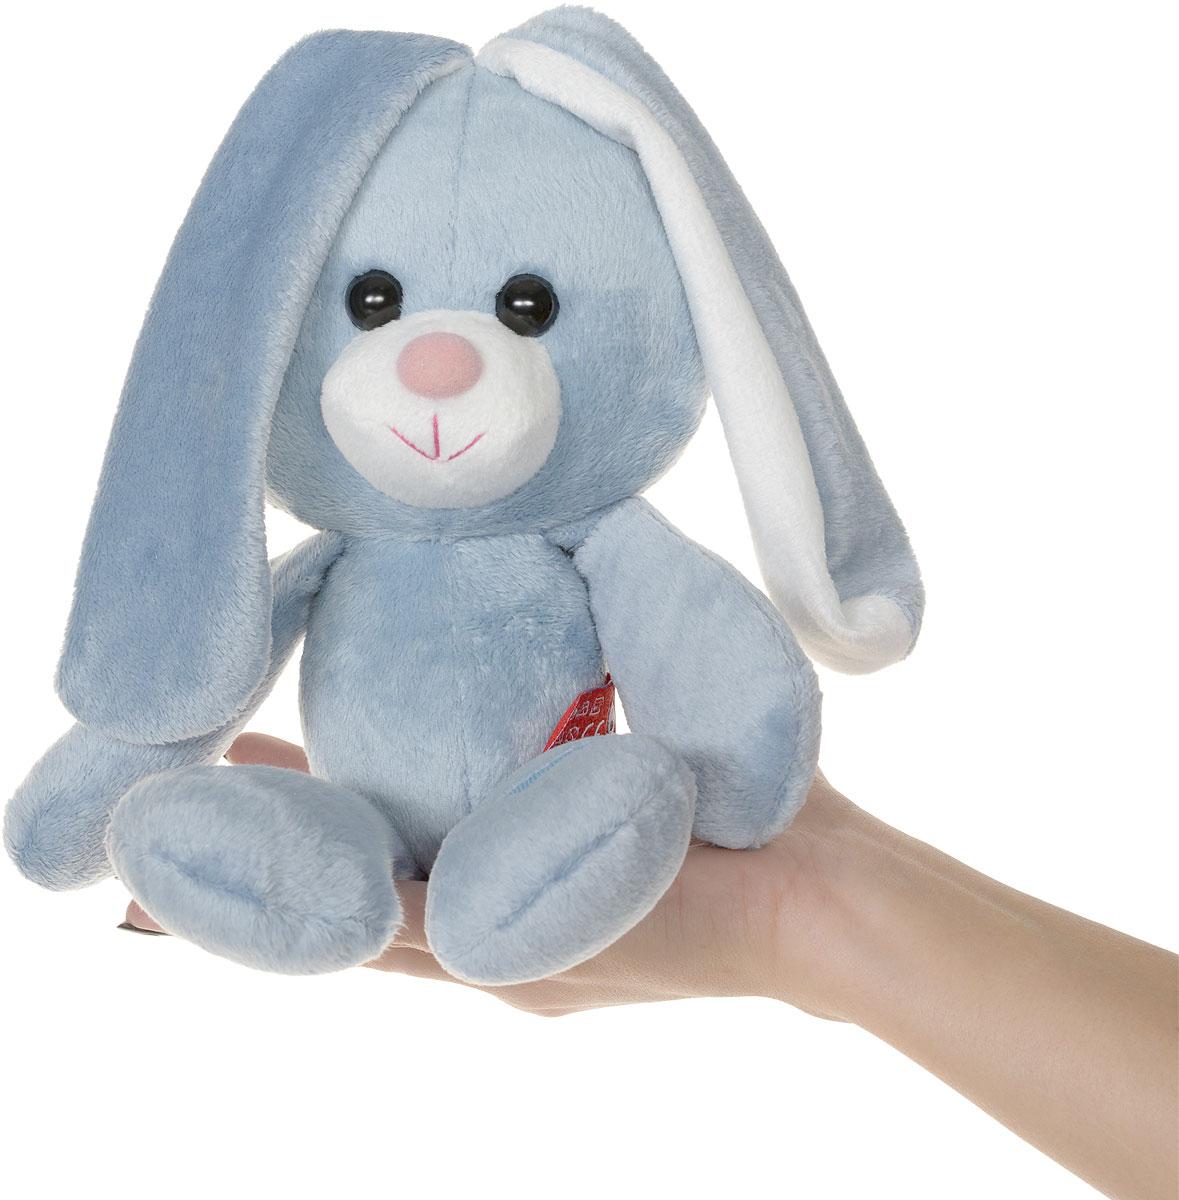 картинка зайца игрушечного материал выбрать, можно